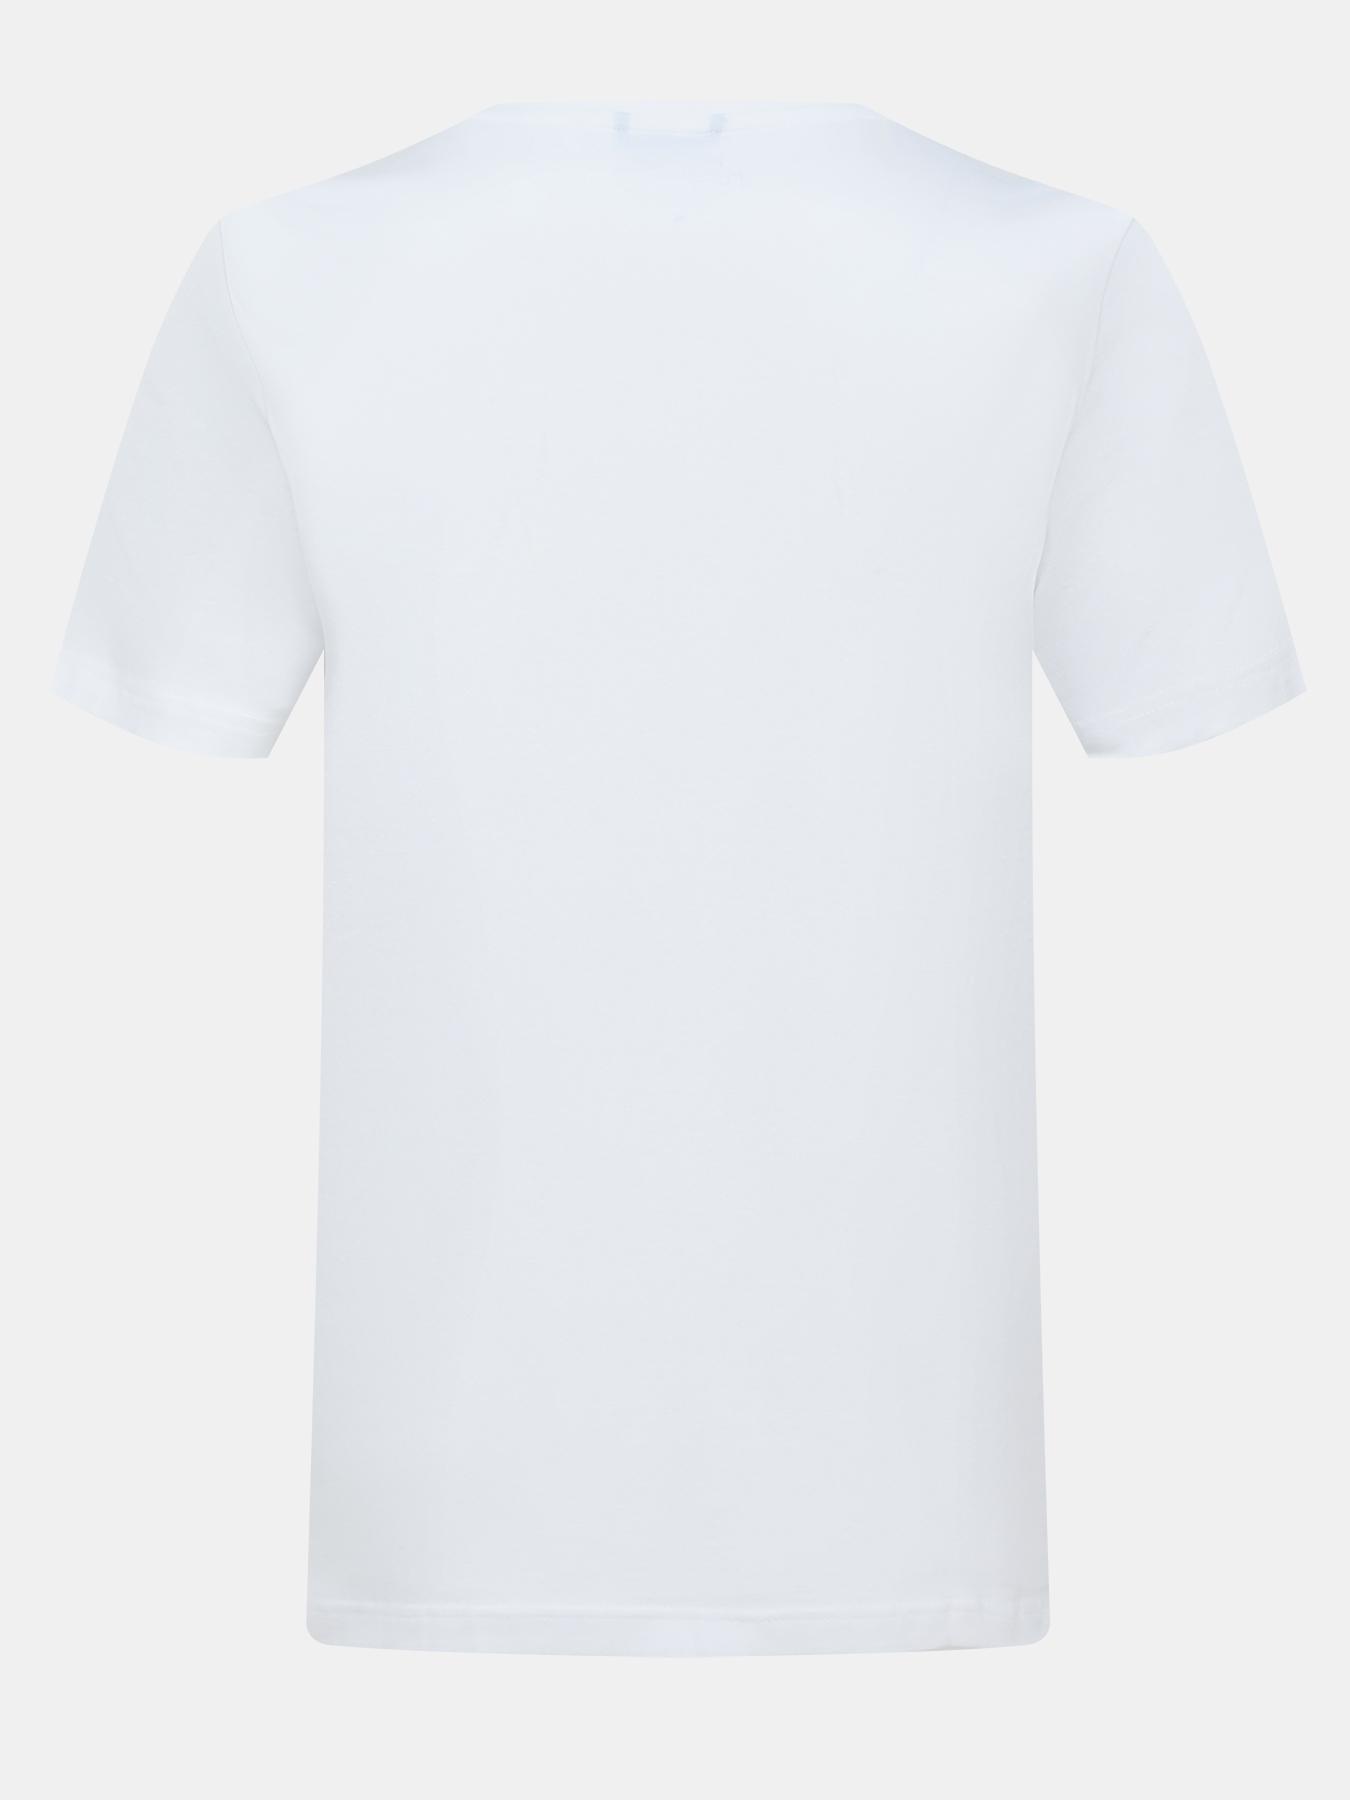 Фуфайка (футболка) Pierre Cardin Футболка мокасины pierre cardin pierre cardin mp002xm0yibe